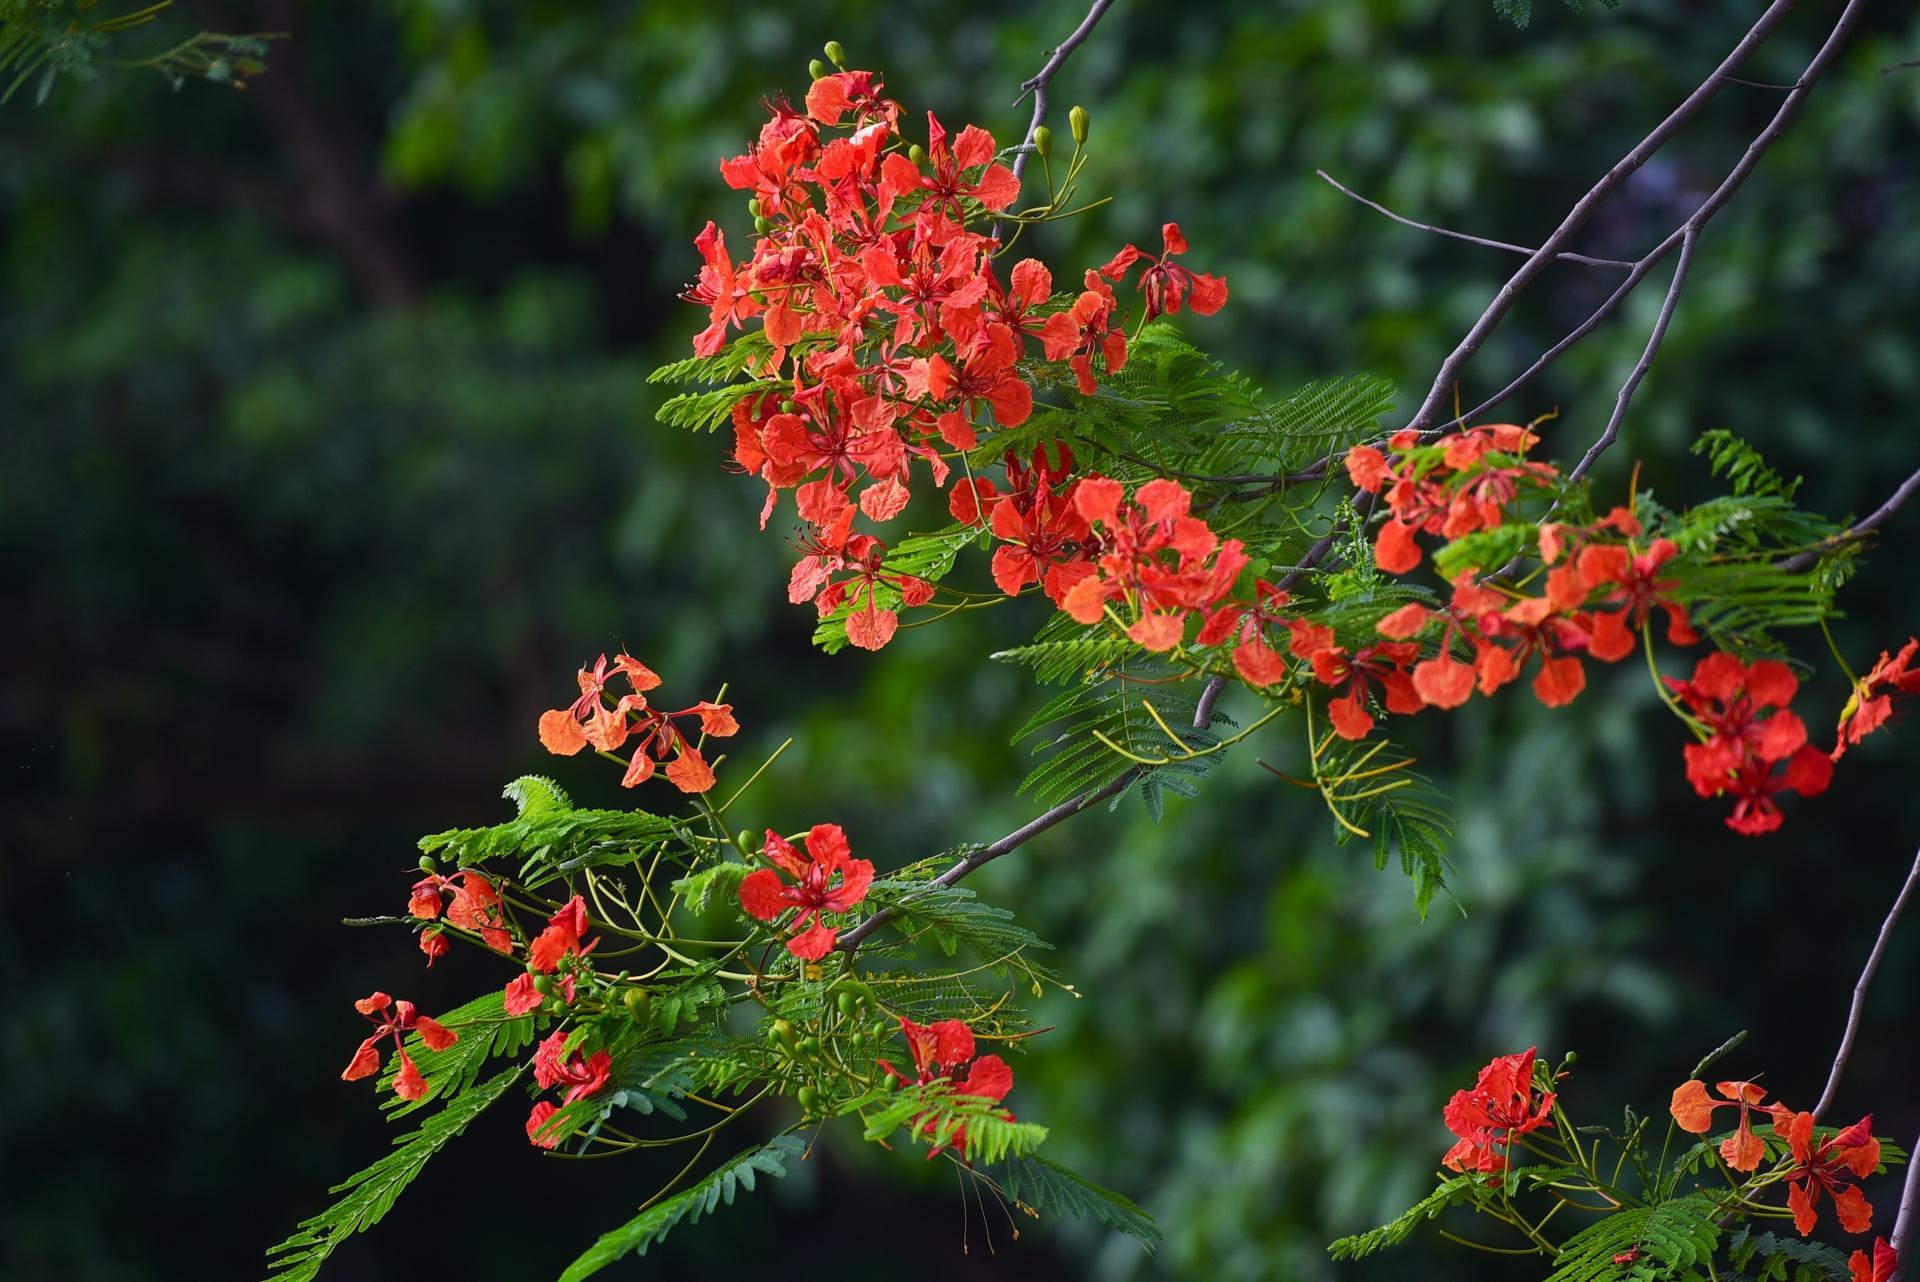 Hà Nội nơi đỏ rực rỡ nhờ hoa phượng, chỗ dát vàng bởi muồng hoàng yến Ảnh 7